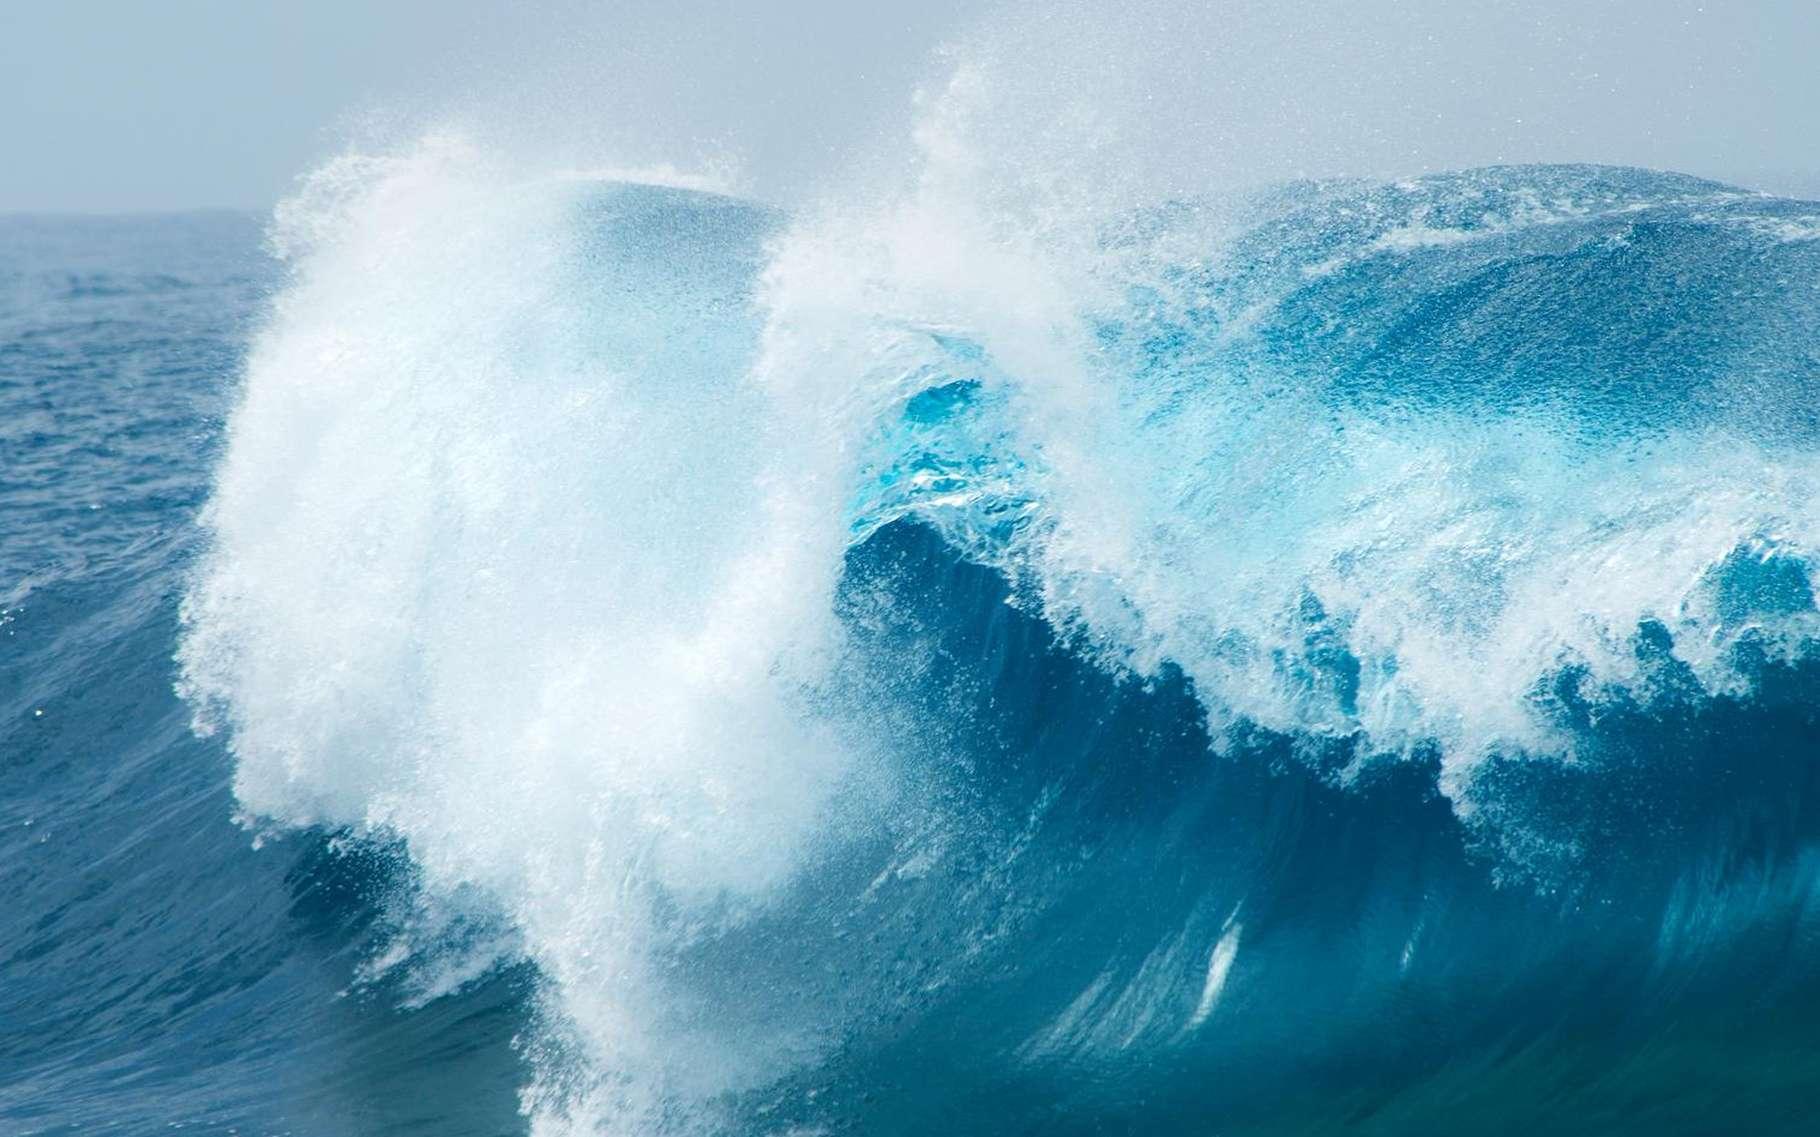 L'océan n'est pas uniforme. Par endroits, il n'est pas bien brassé et l'oxygène peut venir à manquer. © Tamara Kulikova, Shutterstock